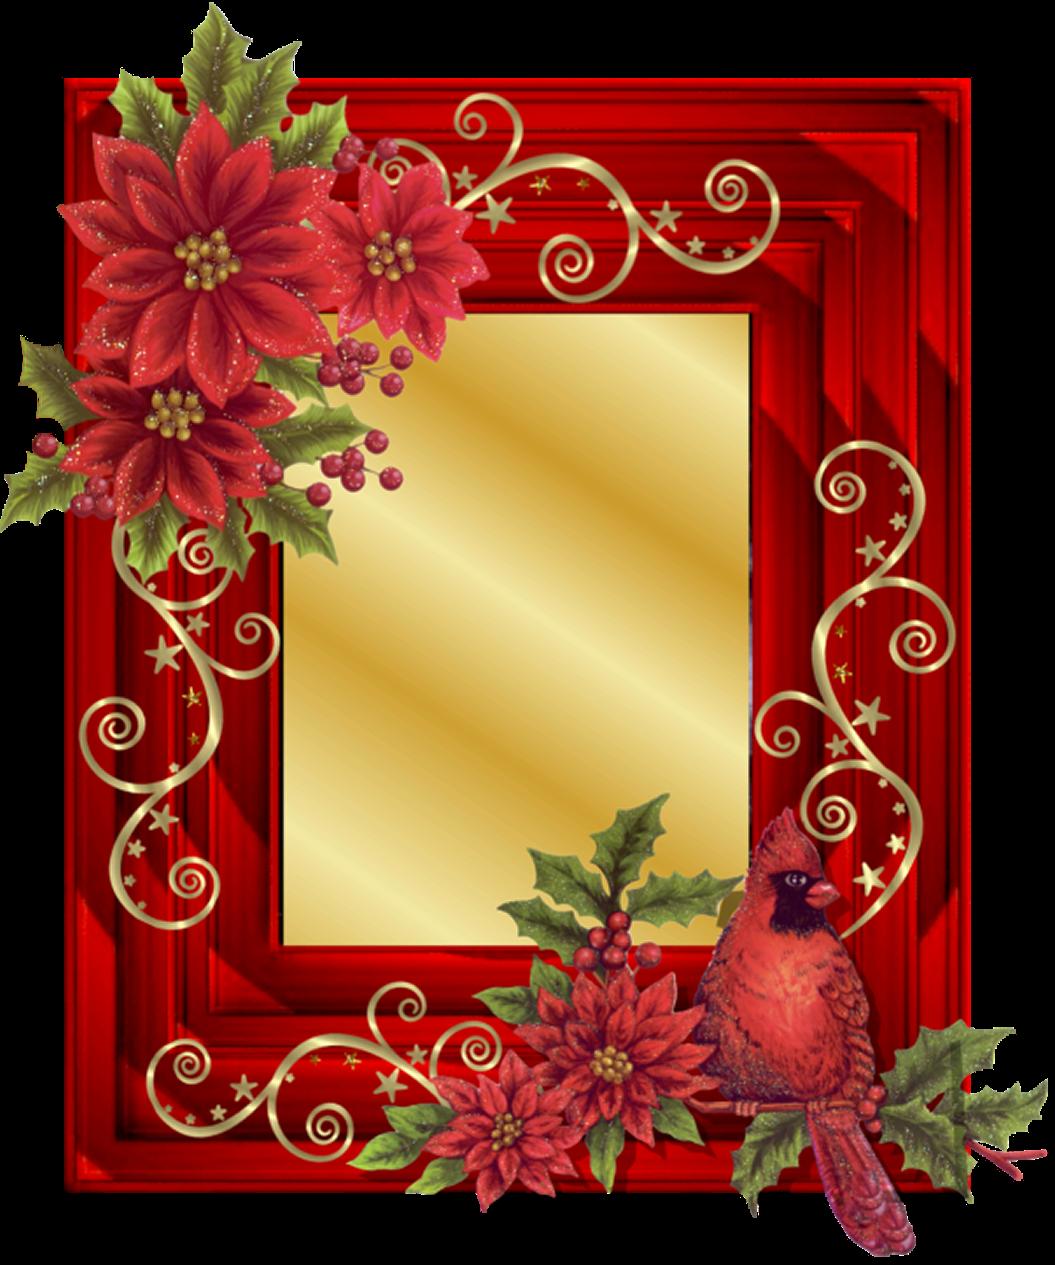 Creative Elegance Designs: Vintage Christmas Frame For You